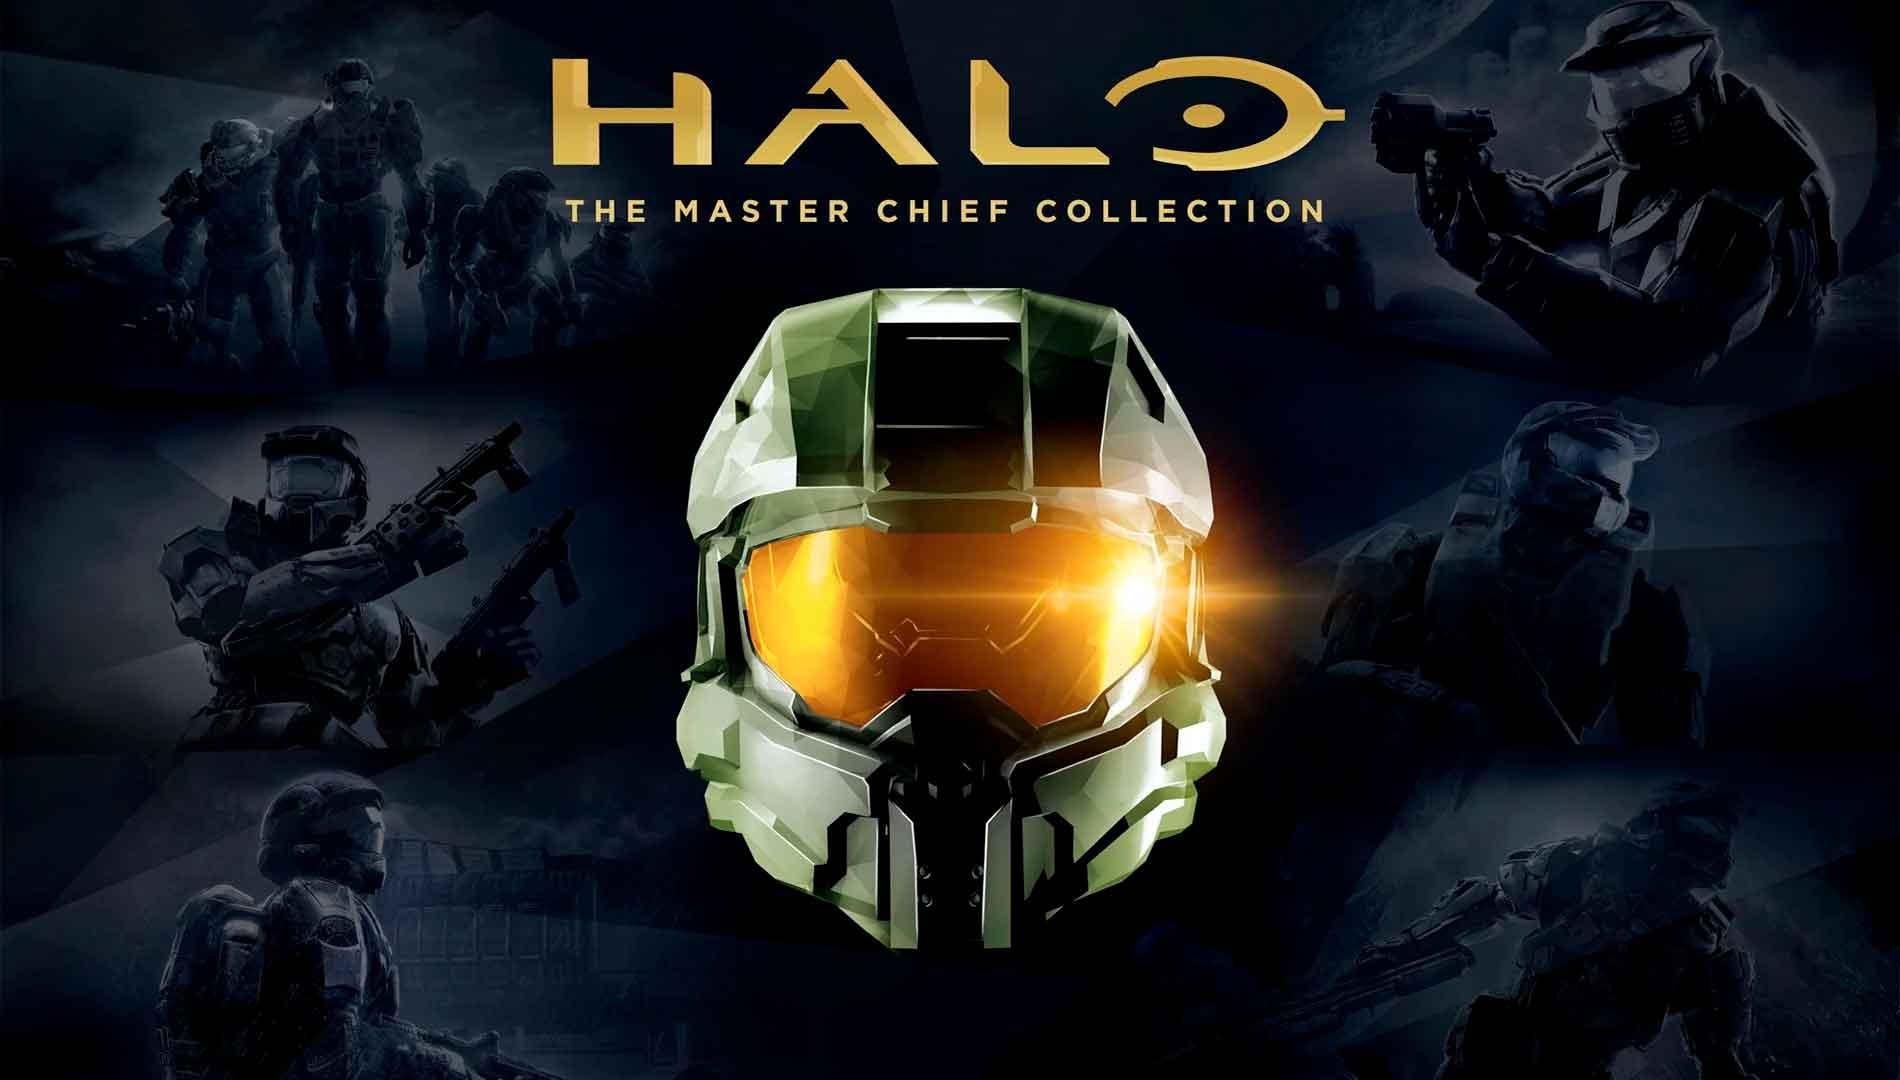 Halo: The Master Chief Collection la última actualización mejora las imágenes de PC de Halo 2, GamersRD